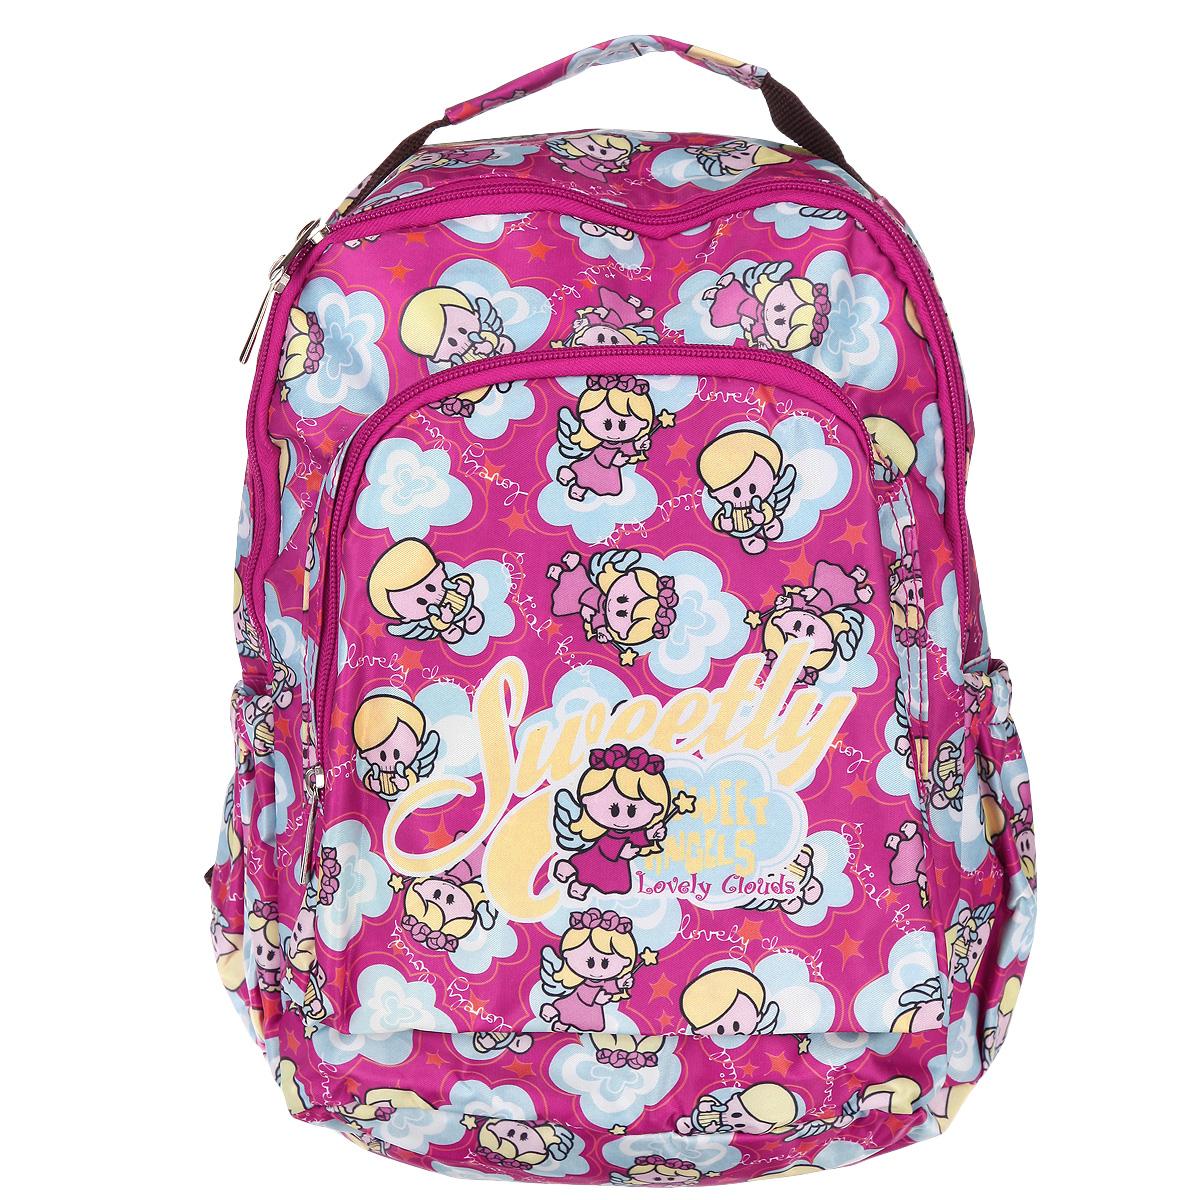 Рюкзак детский Hatber Angels, цвет: розовый, желтый, голубой. NRk_00322NRk_00322Рюкзак детский Hatber Angels очень легкий и прочный, изготовлен из нейлона. Рюкзак имеет одно основное отделение с секретным карманом на молнии, три внешних кармана, один на лицевой стороне и два боковых. На тыльной стороне рюкзака имеется небольшой карман на молнии, обеспечивающий быстрый доступ к необходимым вещам. Рюкзак оснащен широкими плечевыми ремнями, которые регулируются по длине, и нейлоновой ручкой для переноски в руке.